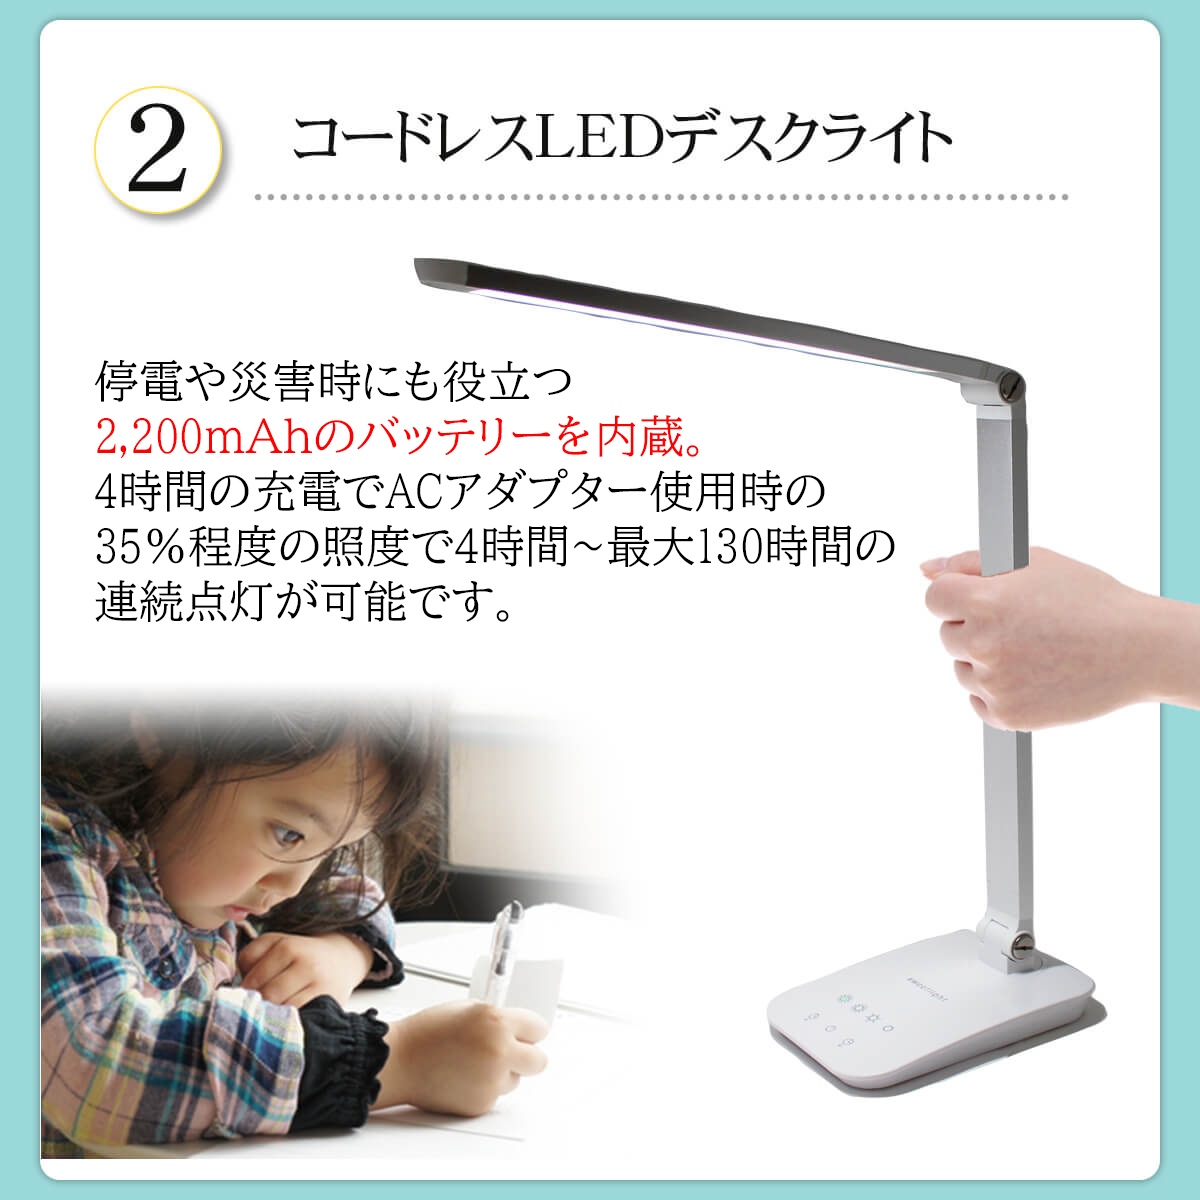 【再生品 新品ではありません】 デスクライト コードレス テレワーク LEDデスクライト スイートライト ポータブル� 充電式 LEDデスクスタンド 目にやさしい